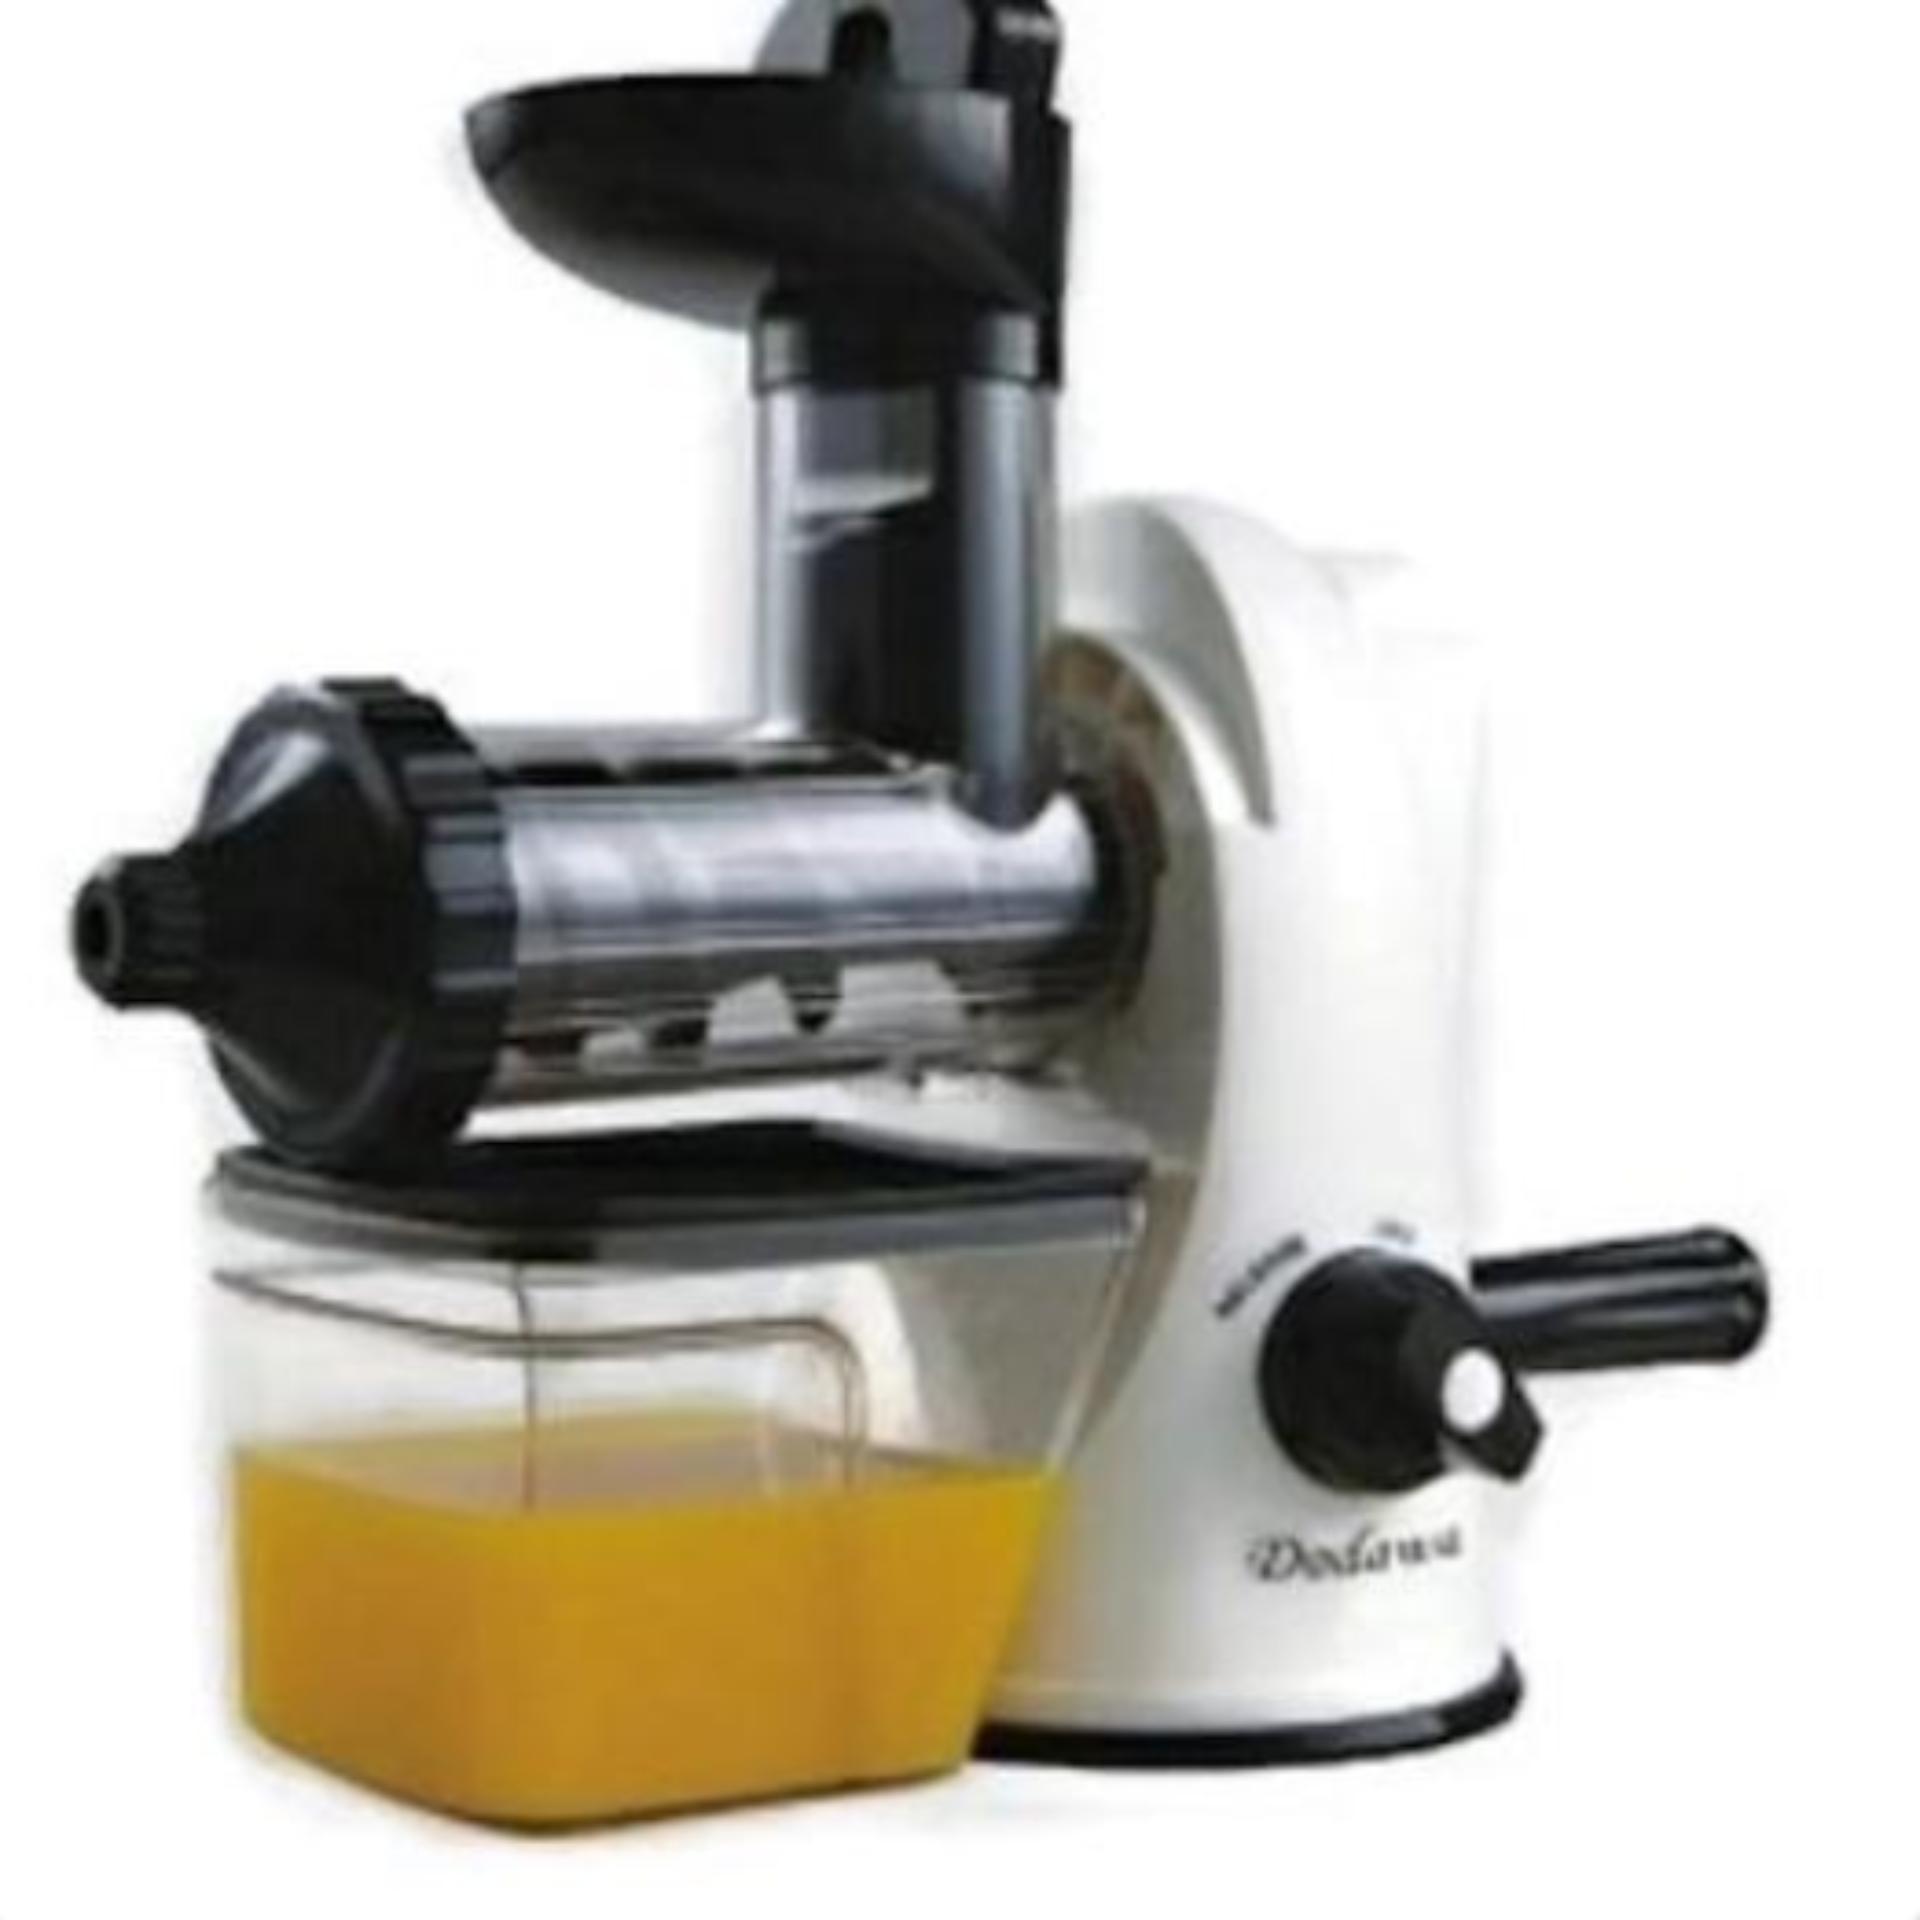 ... Jus Blender . Source · Home; Peralatan rumah tangga; Peralatan dapur kecil. PROMO.